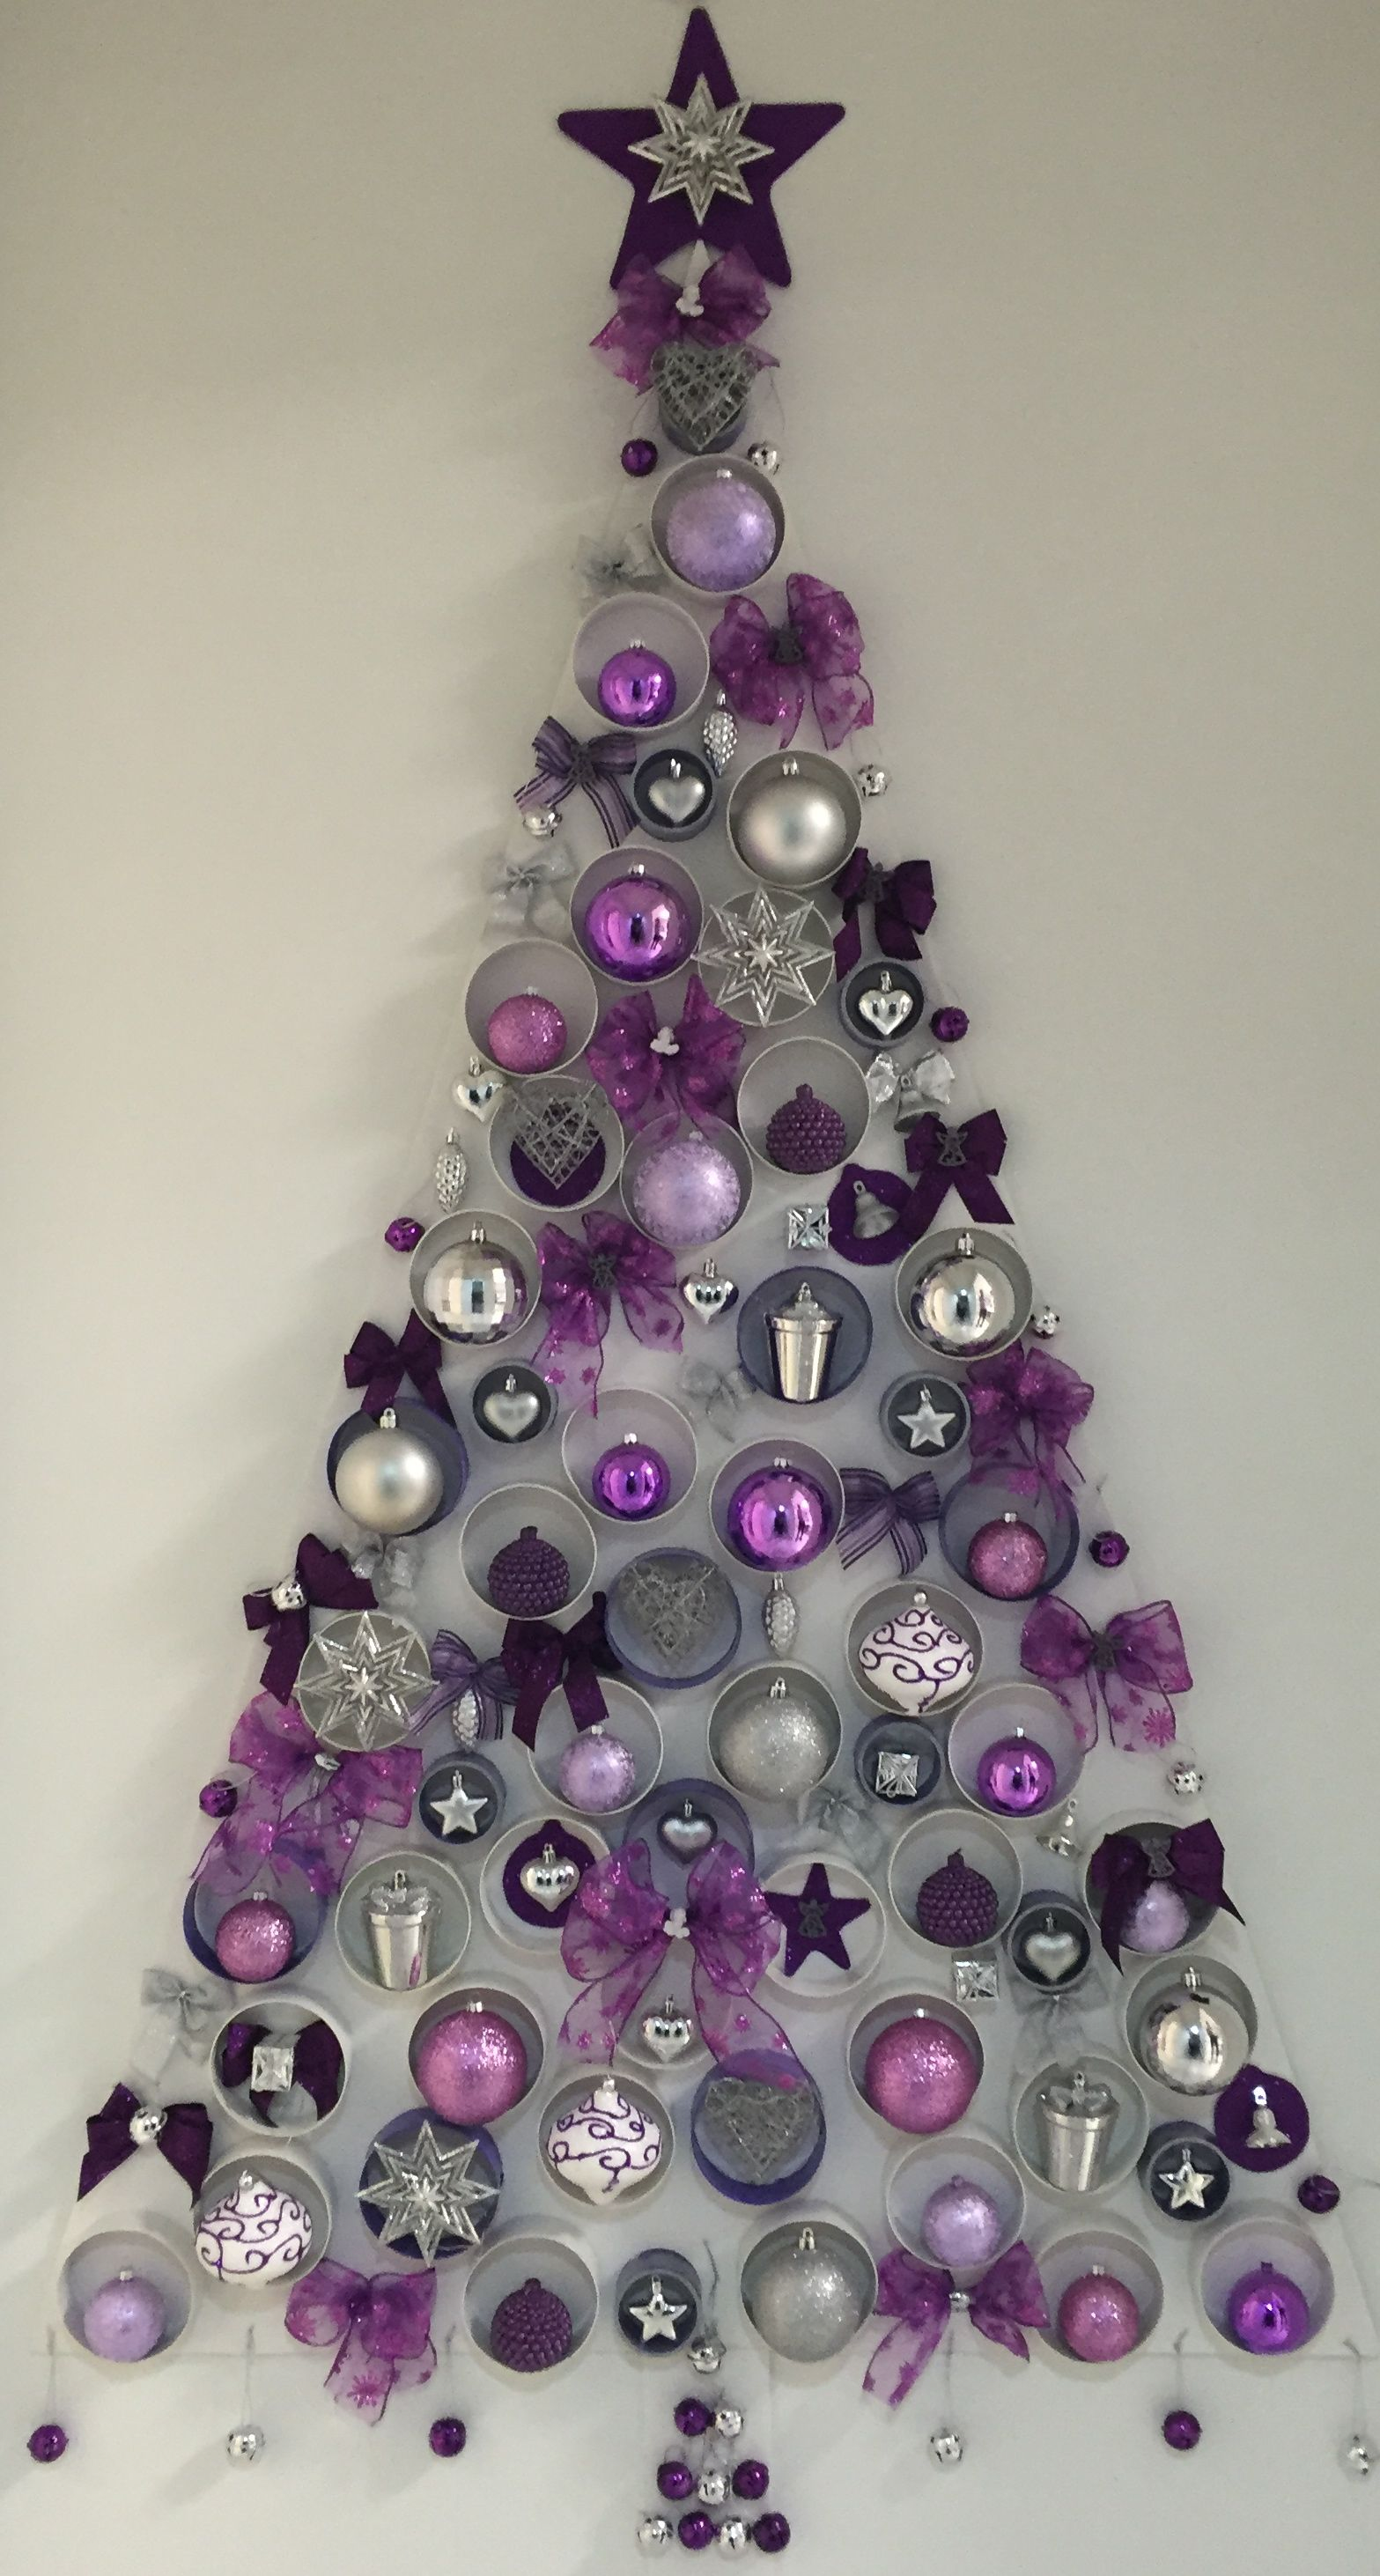 Rbol de navidad en pared morado mis manualidades - Arboles de navidad manualidades navidenas ...